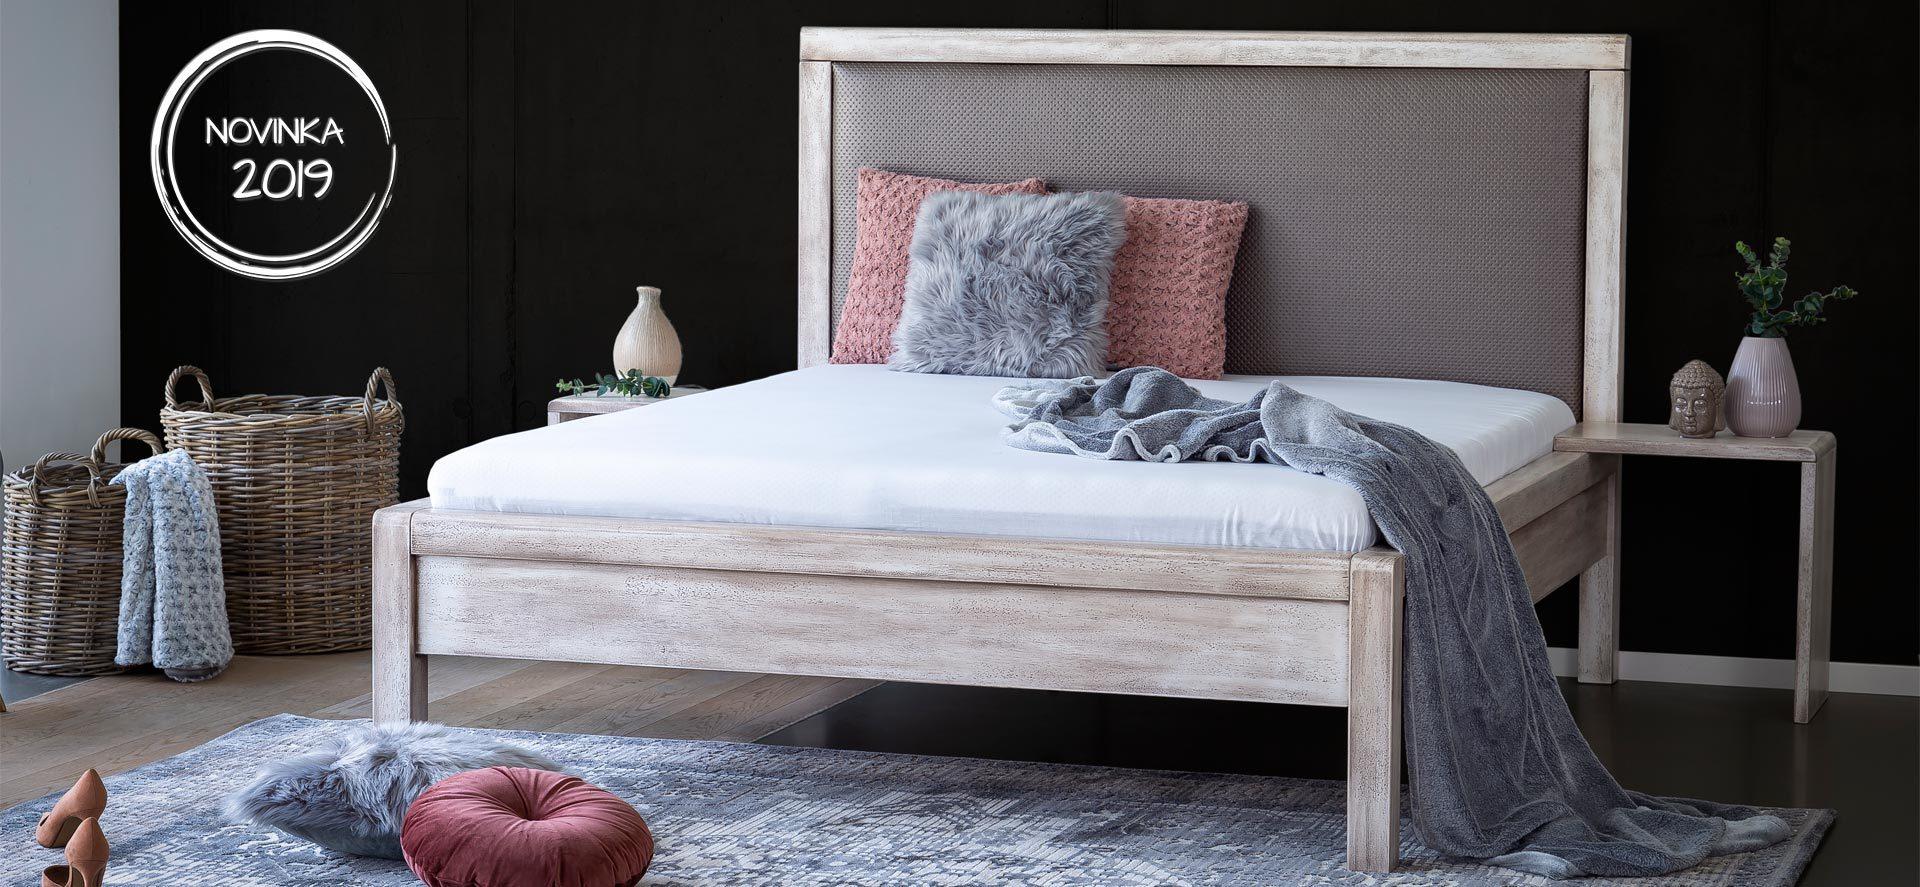 Tato luxusní masivní postel s vysokým čelem je určena pro vysoké matrace. Exklusivní povrchová úprava patinováním je naší luxusní novinkou pro letošní rok.